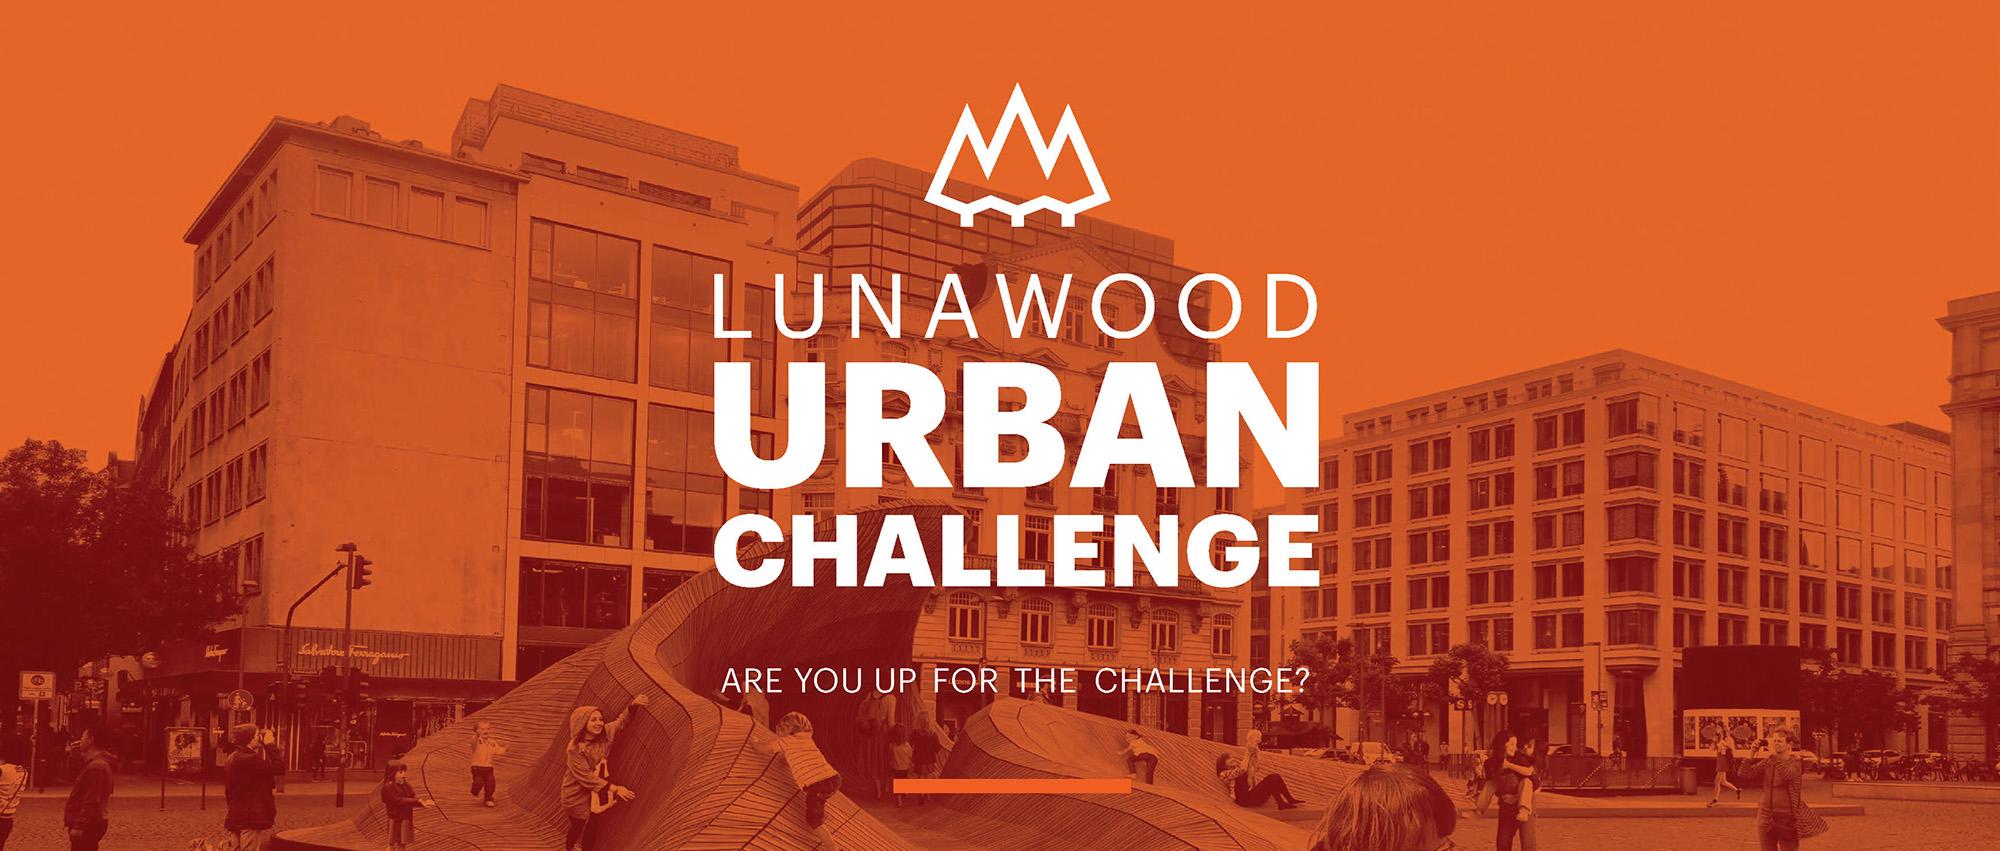 2021年 LUNAWOOD 城市挑战赛